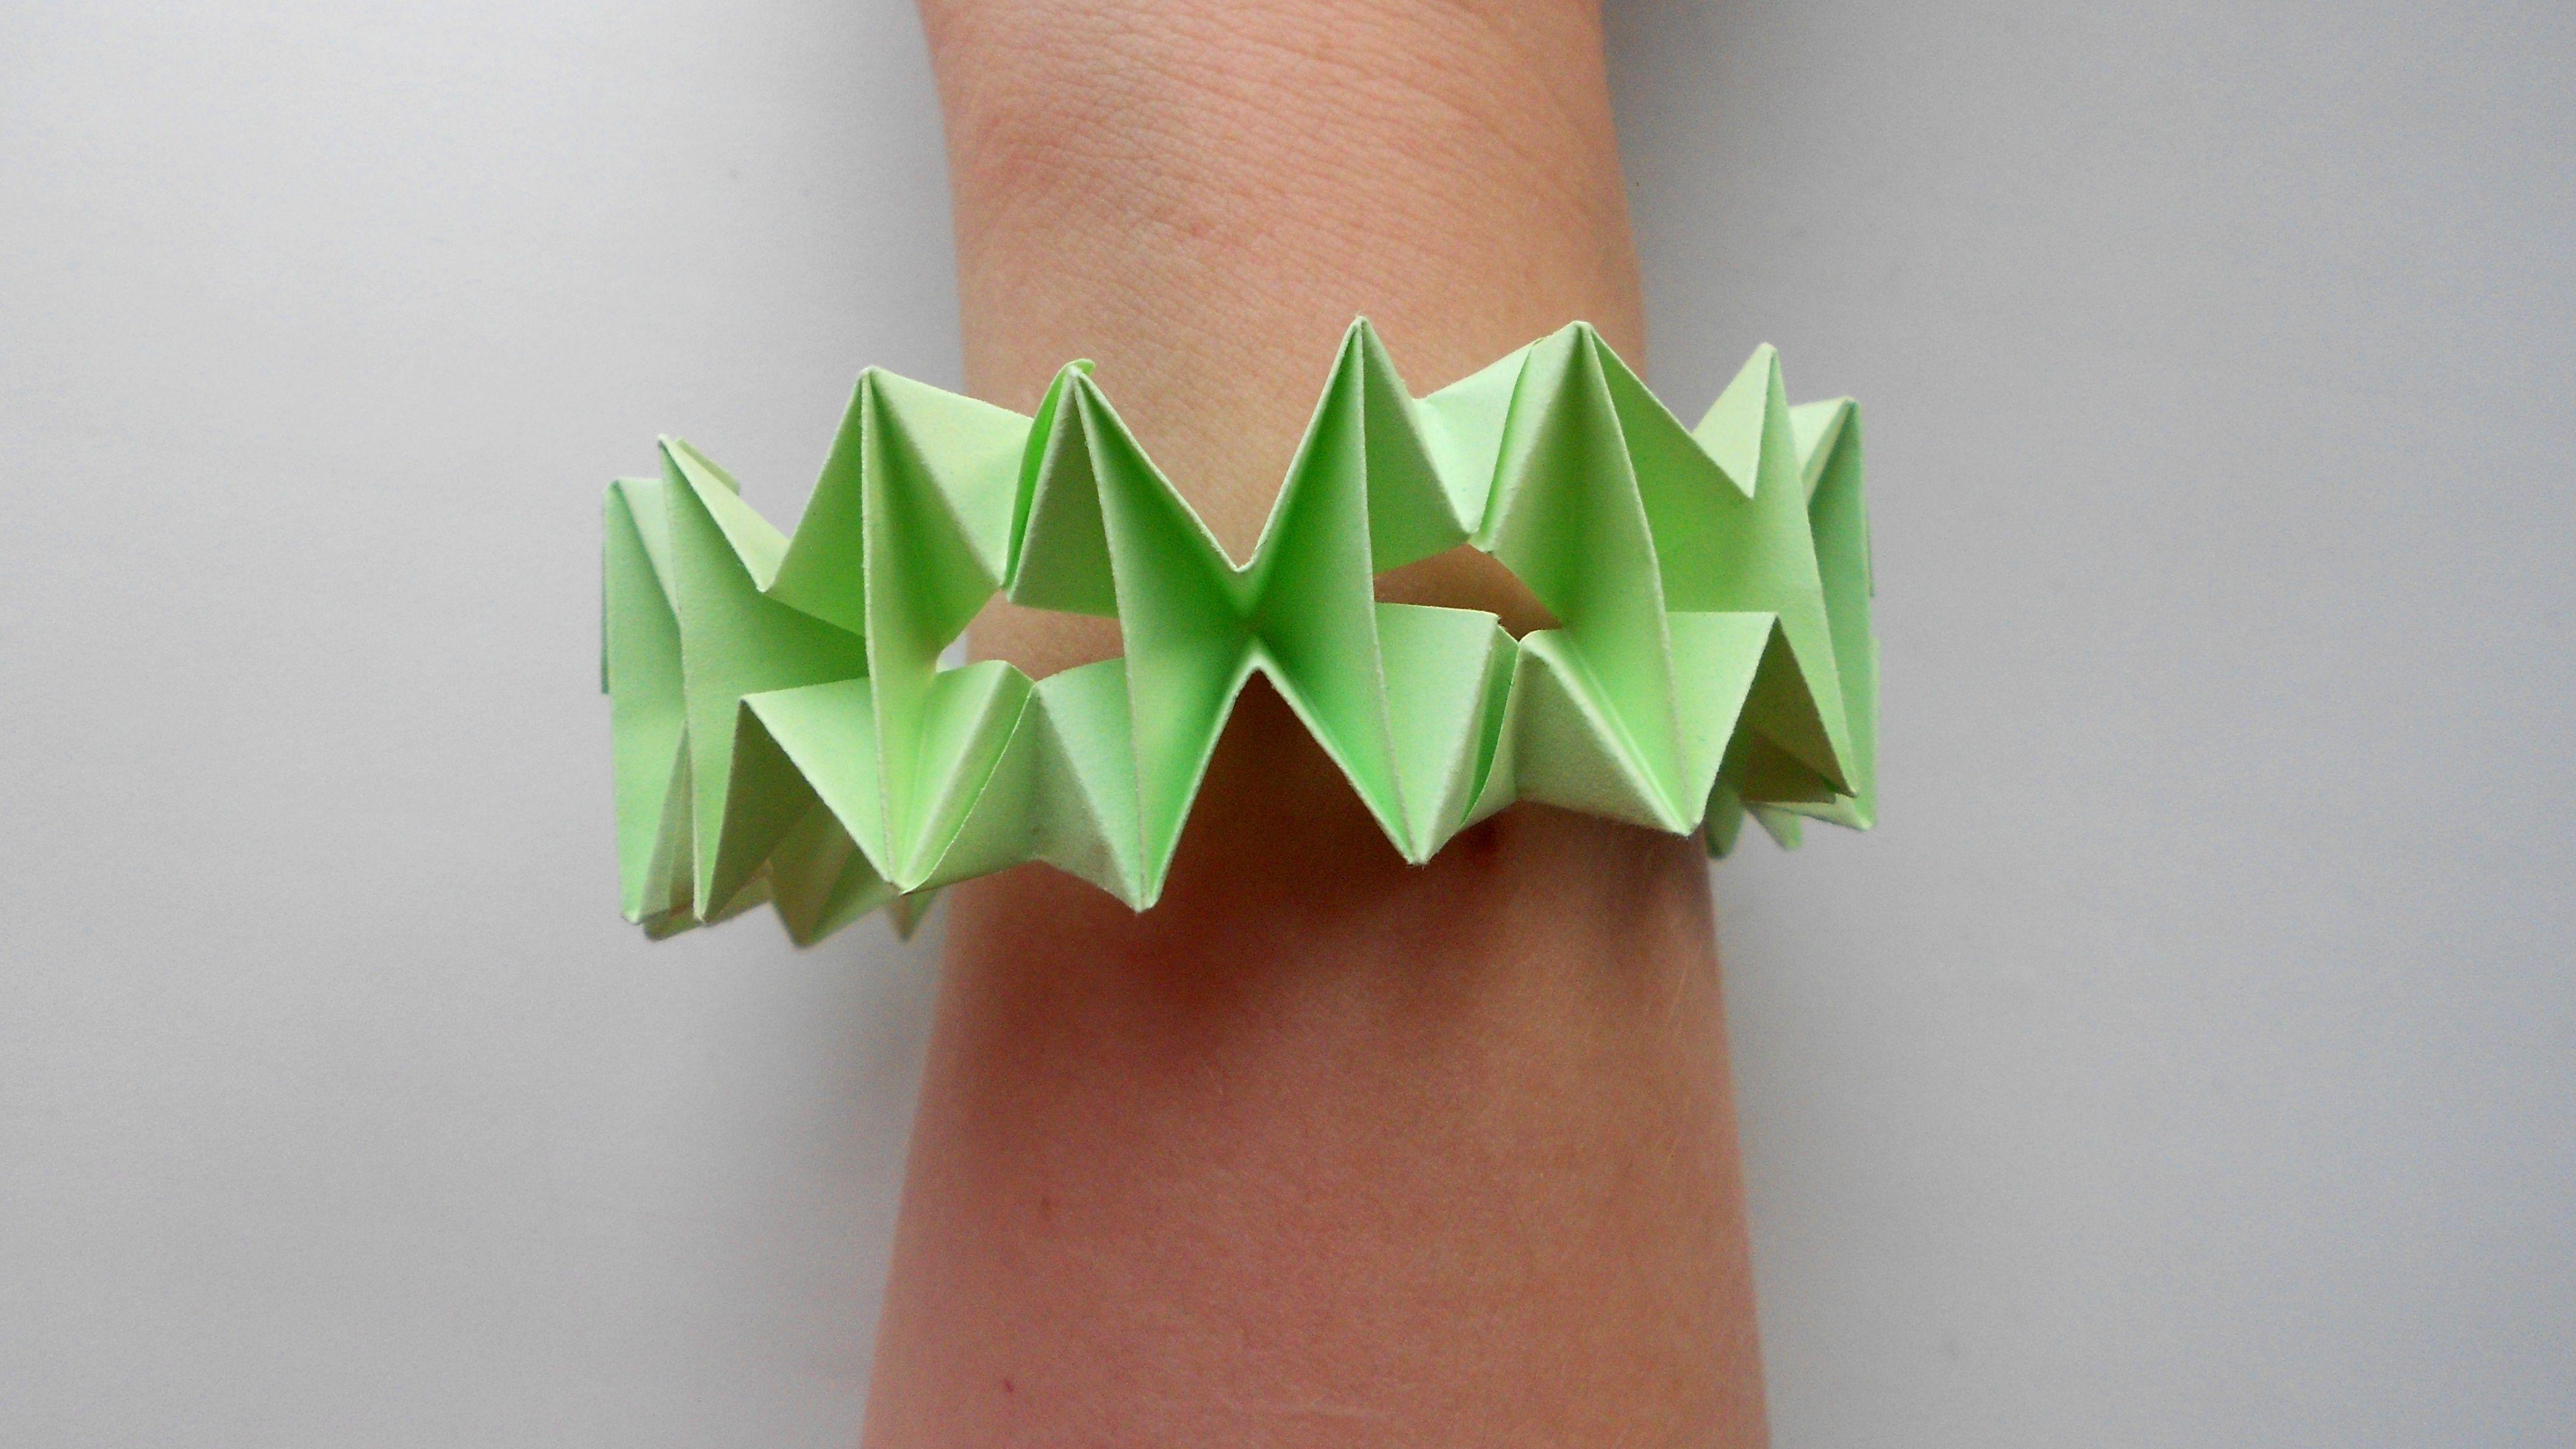 браслеты из цветной бумаги врачу есть возможность